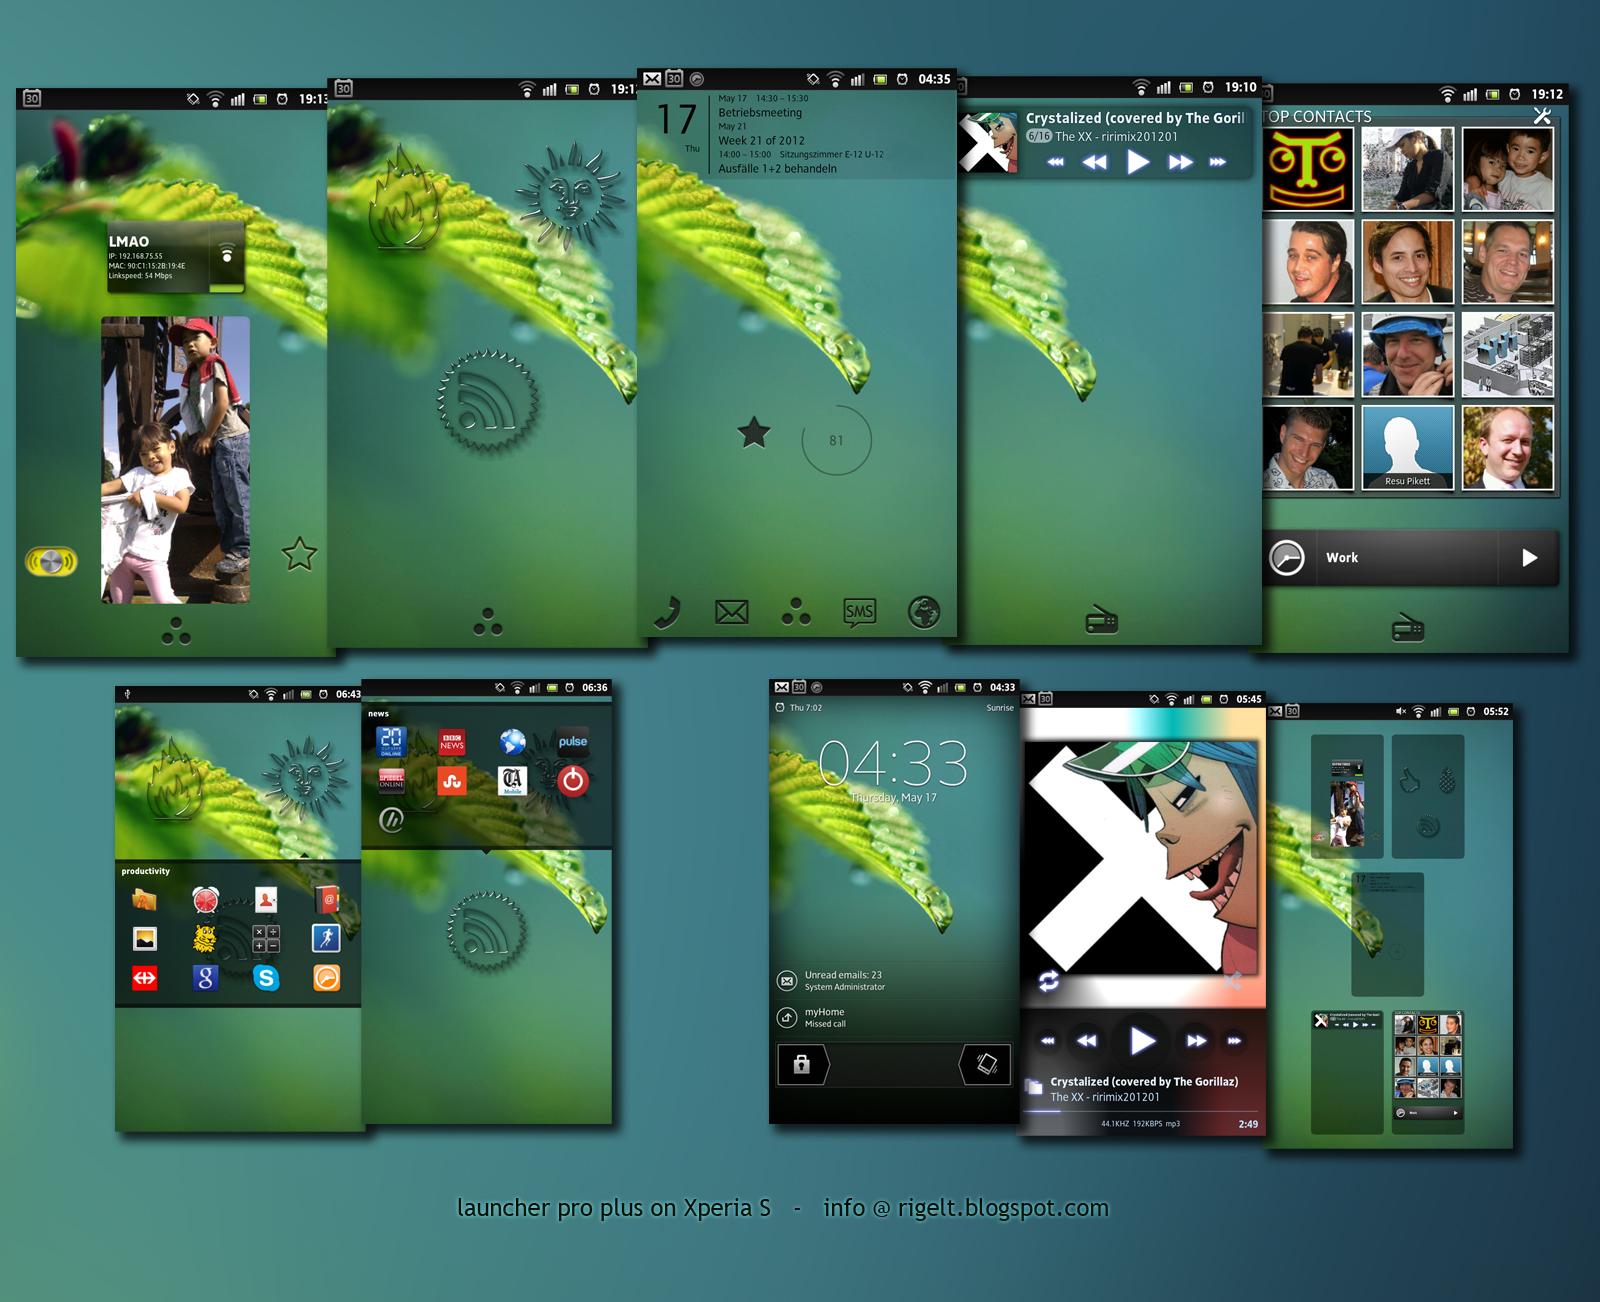 http://4.bp.blogspot.com/-7kIgAfAujck/T7U5F-kH5DI/AAAAAAAAAt4/G9dWHkwbLuc/s1600/Android_Launcher_Pro_Xperia.jpg